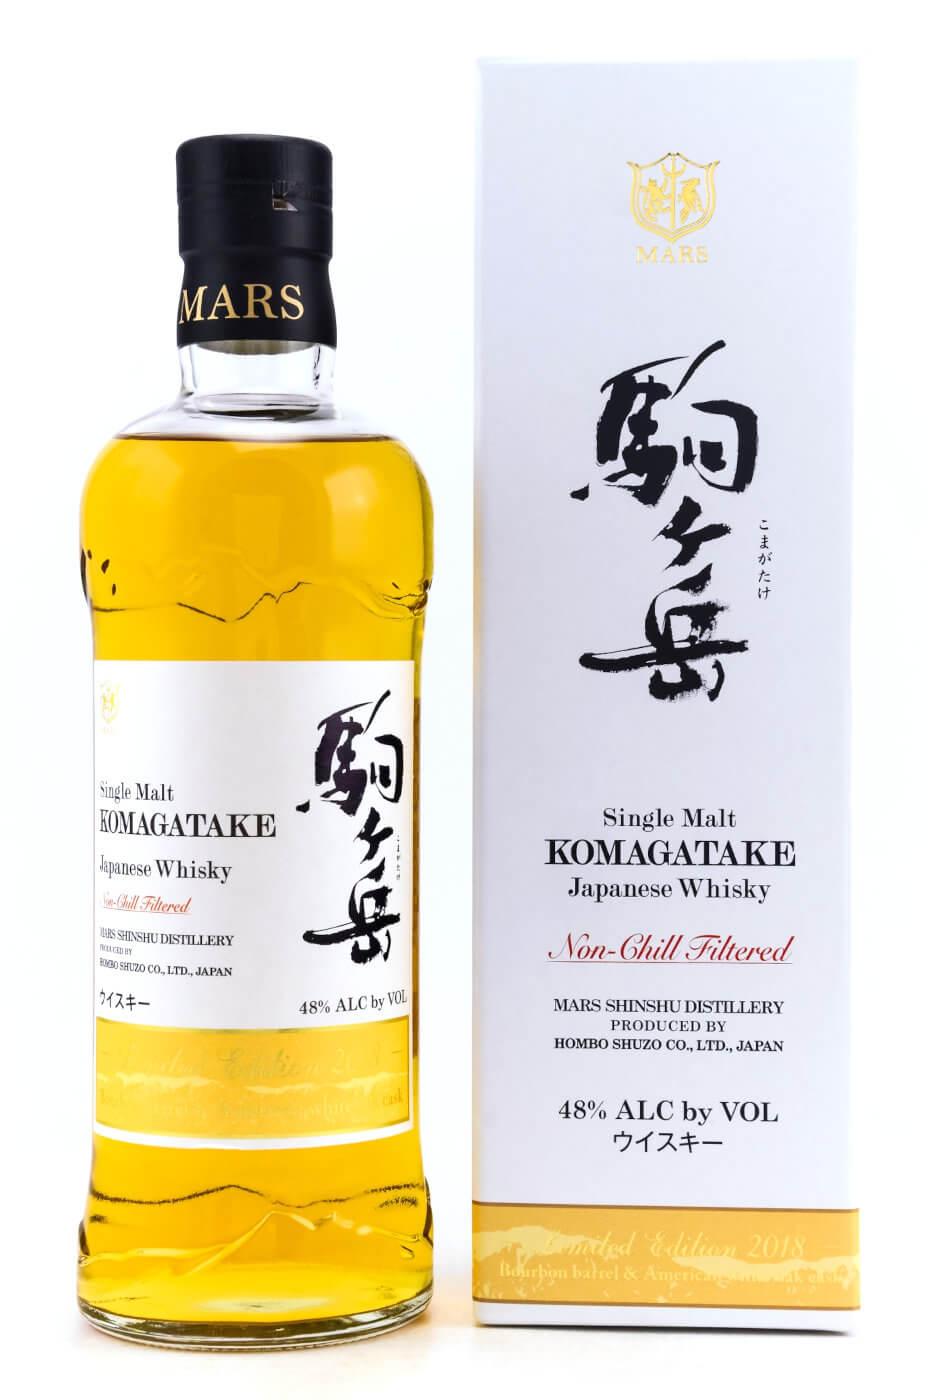 Mars Komagatake japanischer Whisky